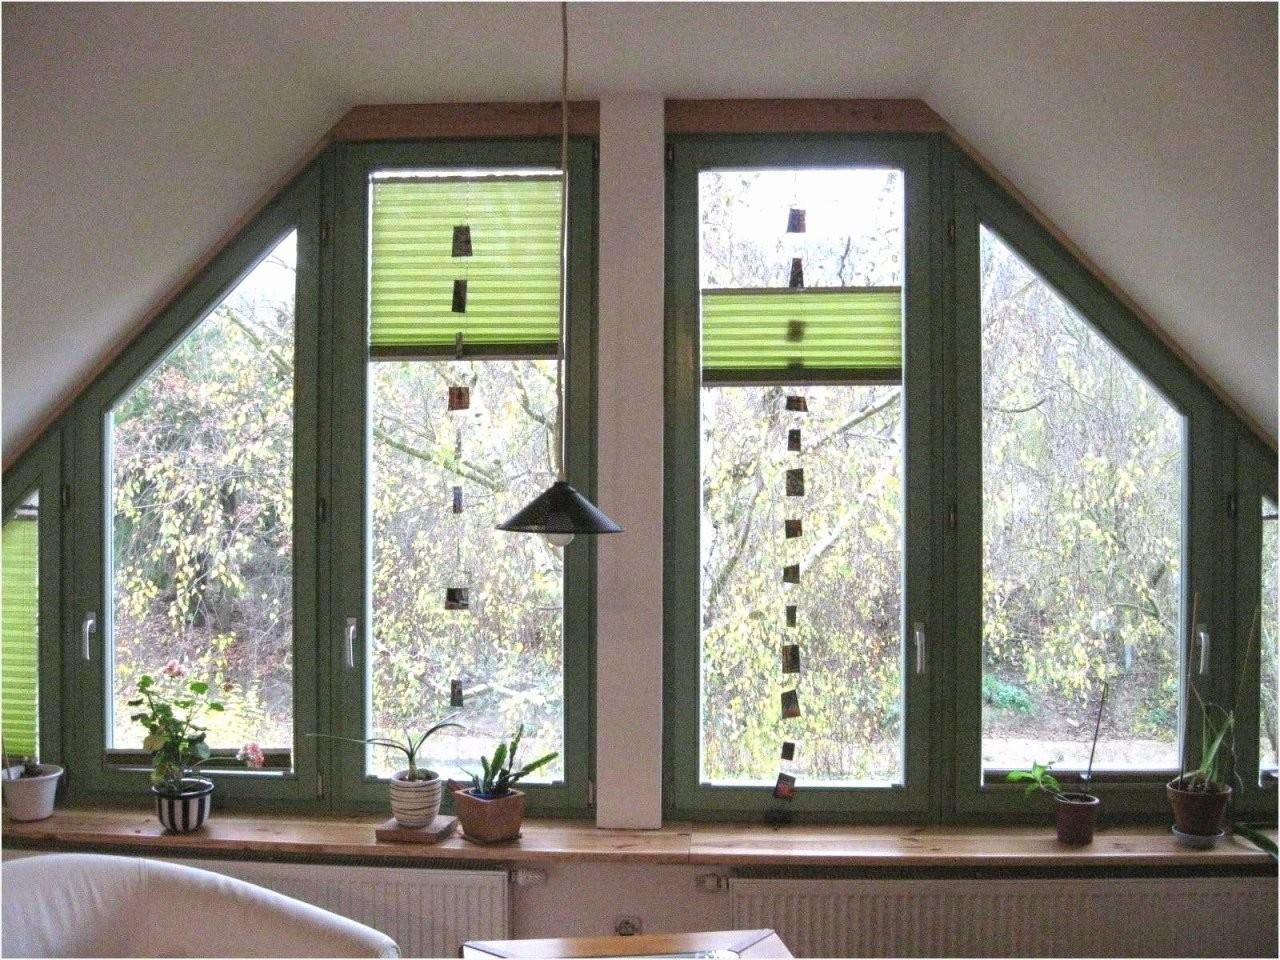 29 Elegant Lager Von Gardinen Für Dachfenster Ideen Für Planen von Gardinen Für Dachfenster Ideen Photo